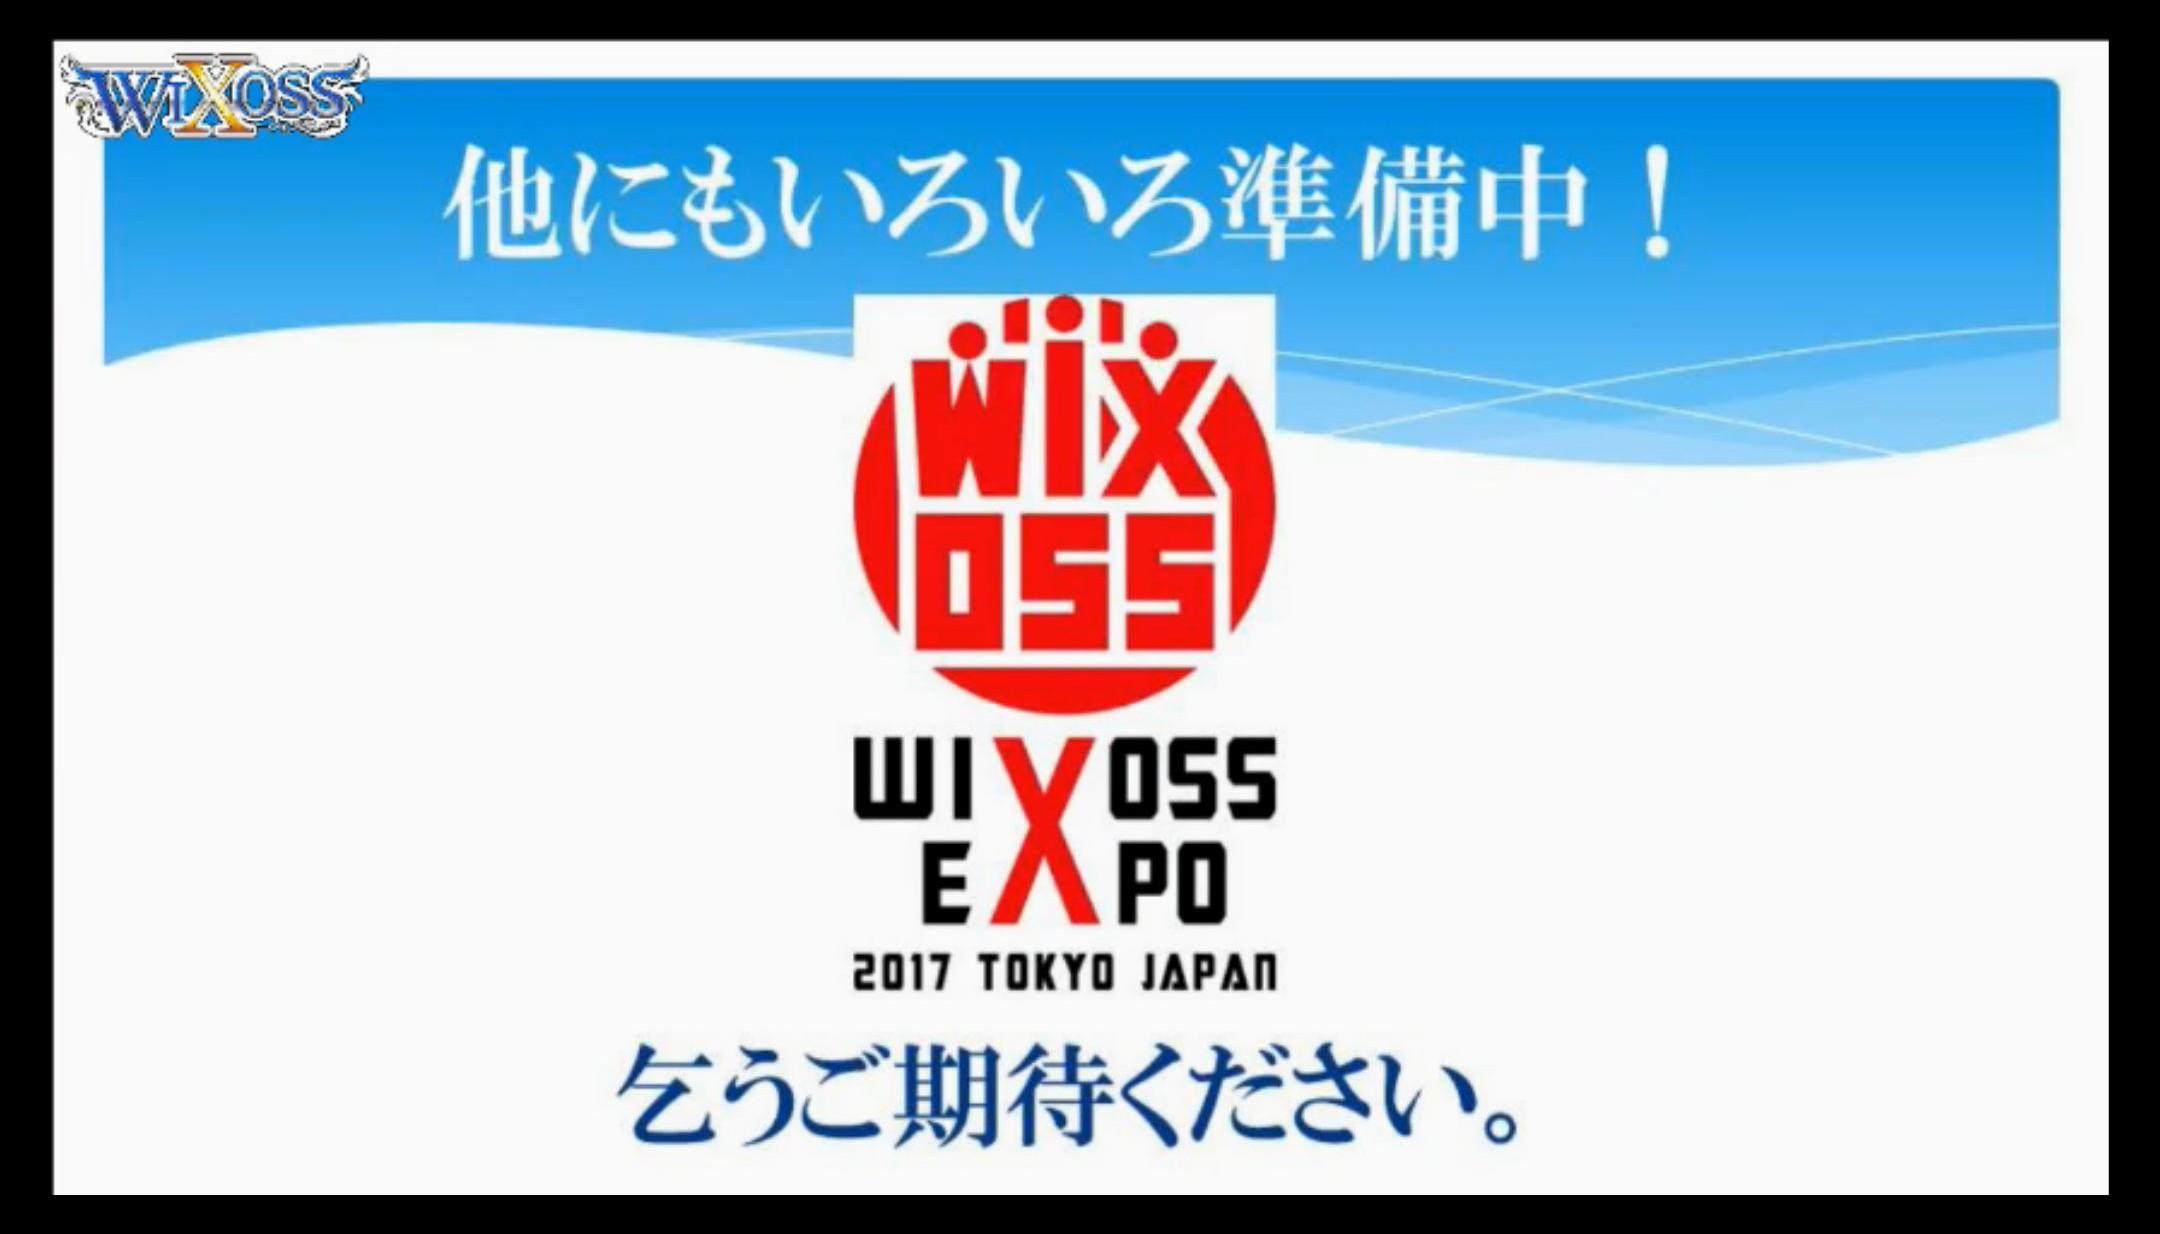 wx-live-170629-011.jpg